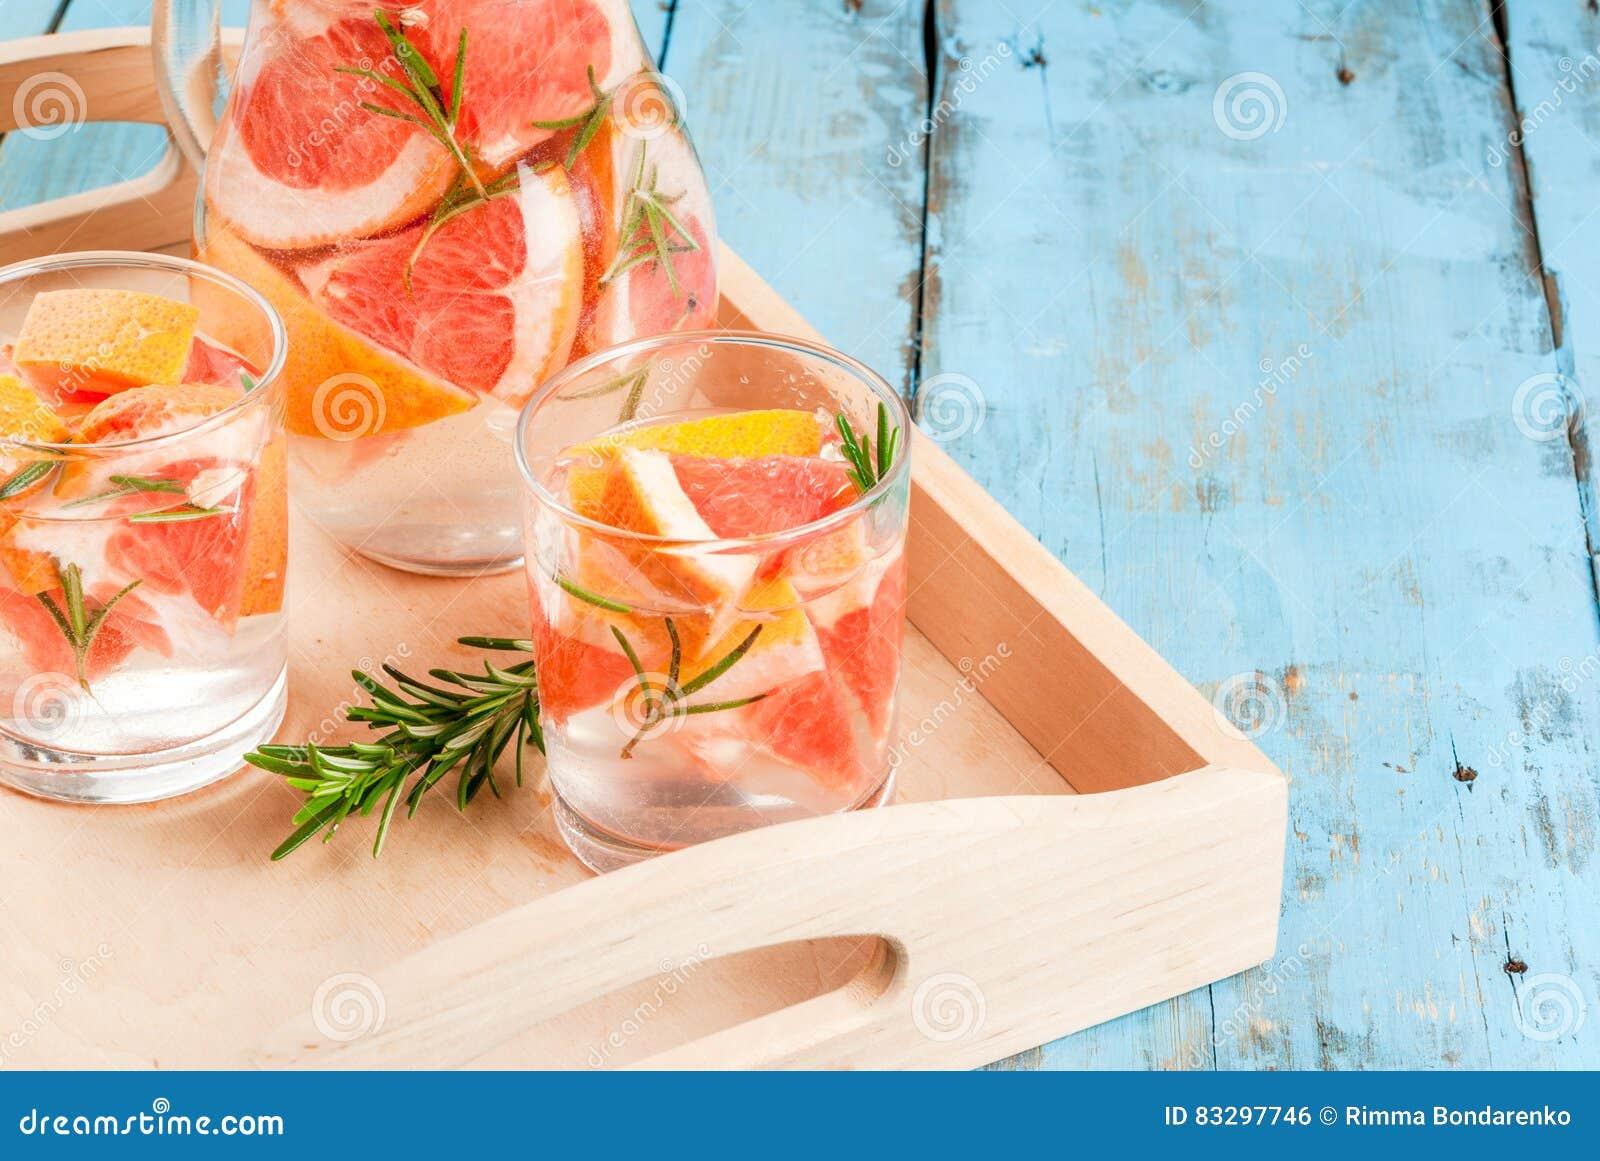 Cocktail met grapefruit en rozemarijn